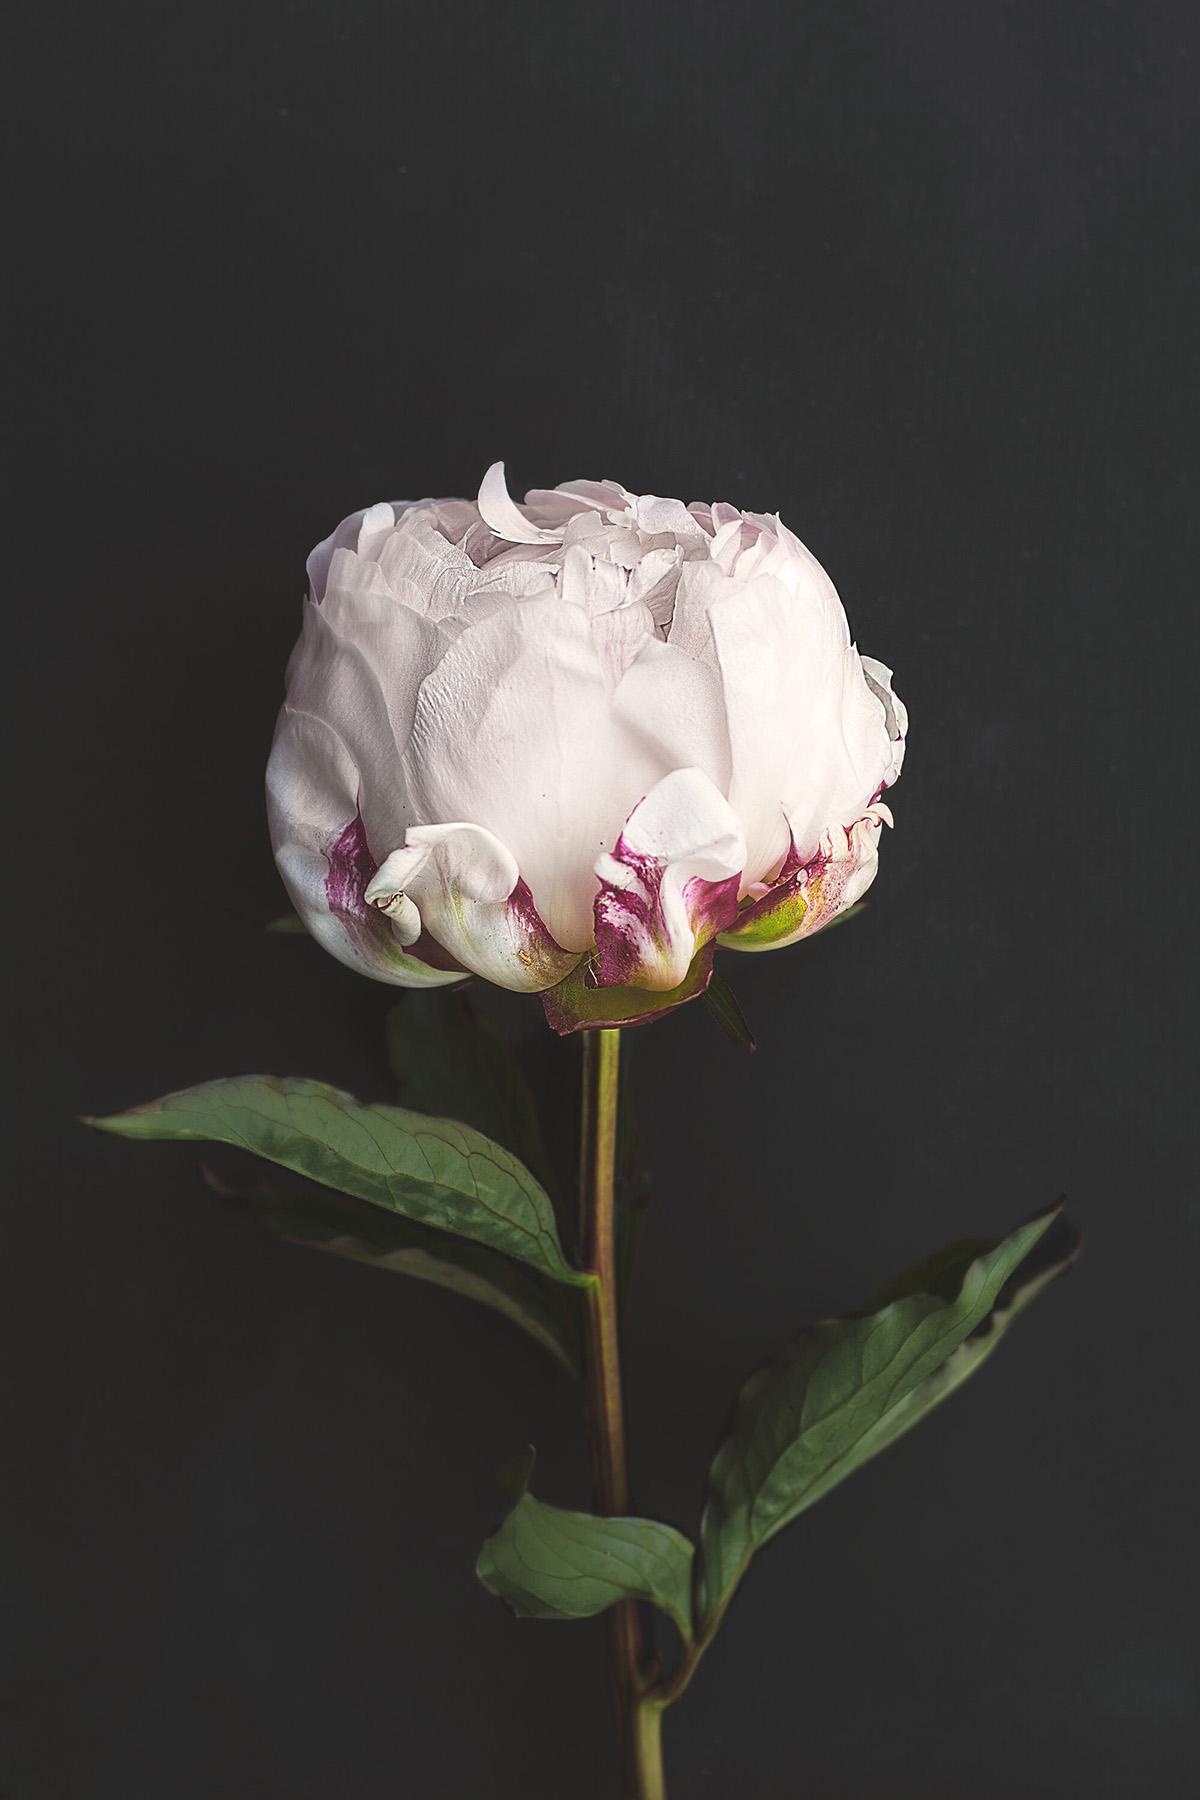 Flower-Ananda-Escudero-Gomes